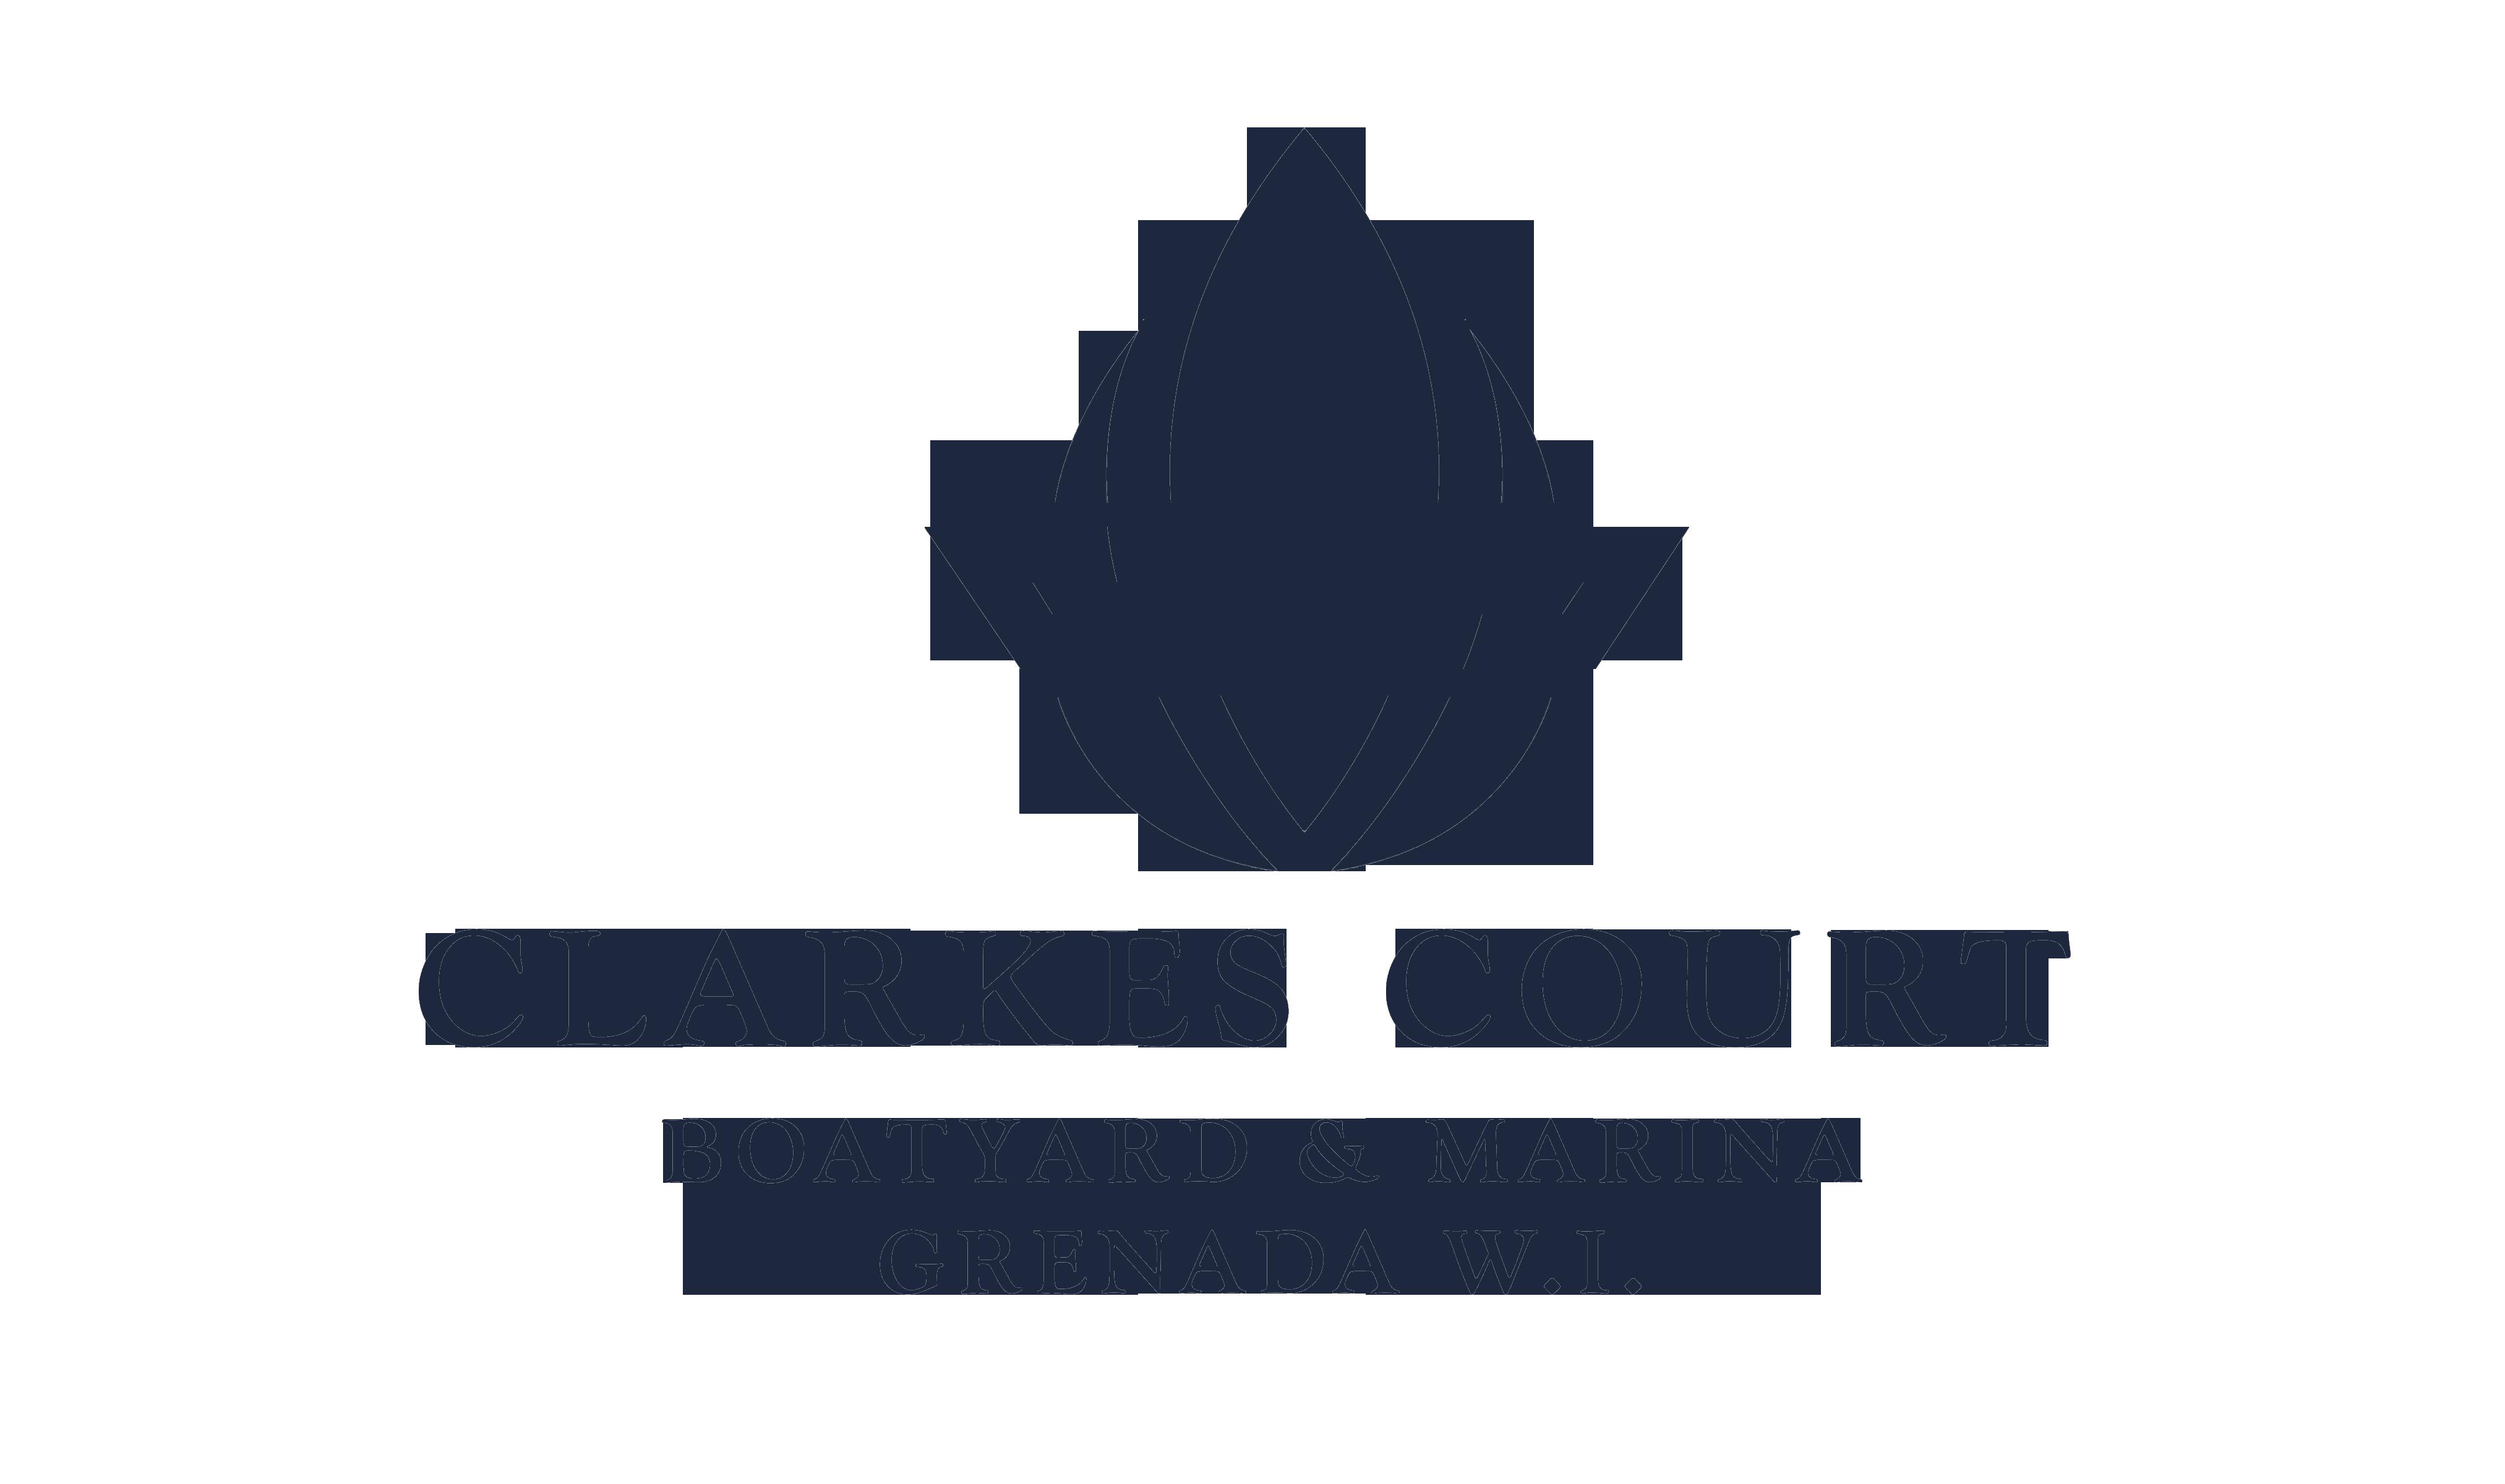 Clarke's Court Boatyard & Marina